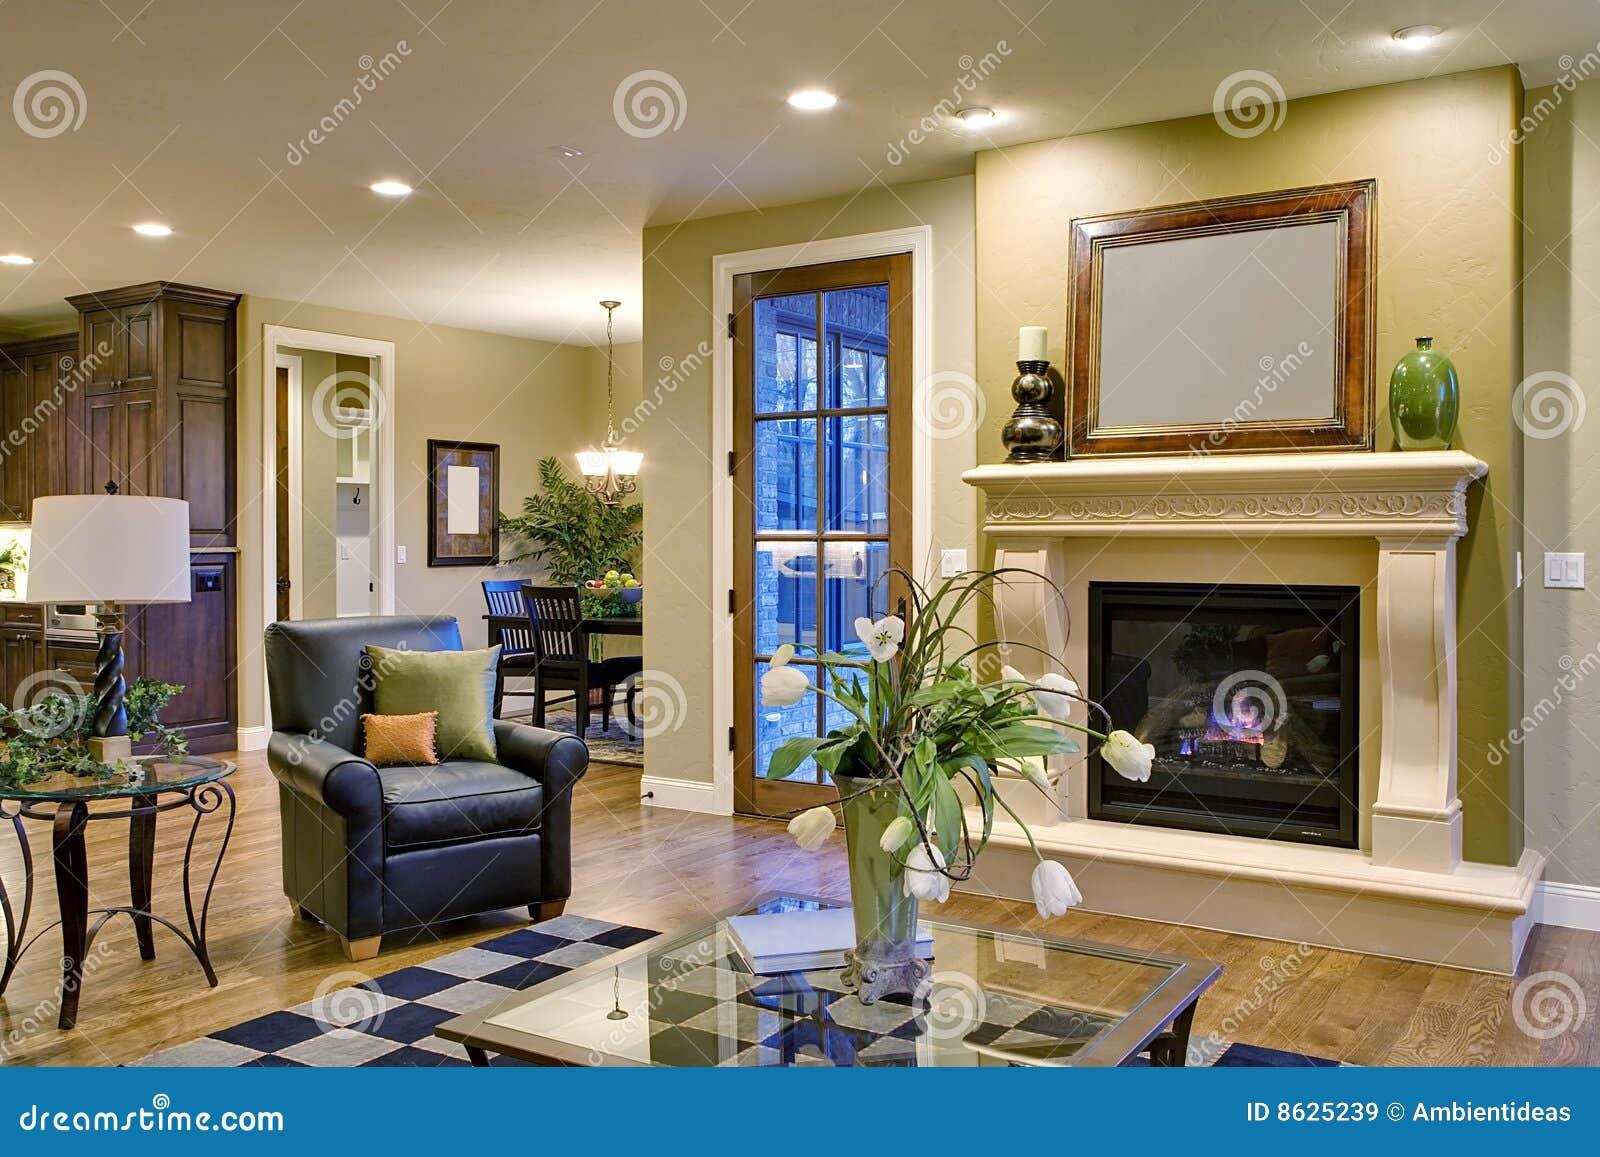 Keuken Grote Open : Grote ruimte met open haard en mening van keuken stock afbeelding